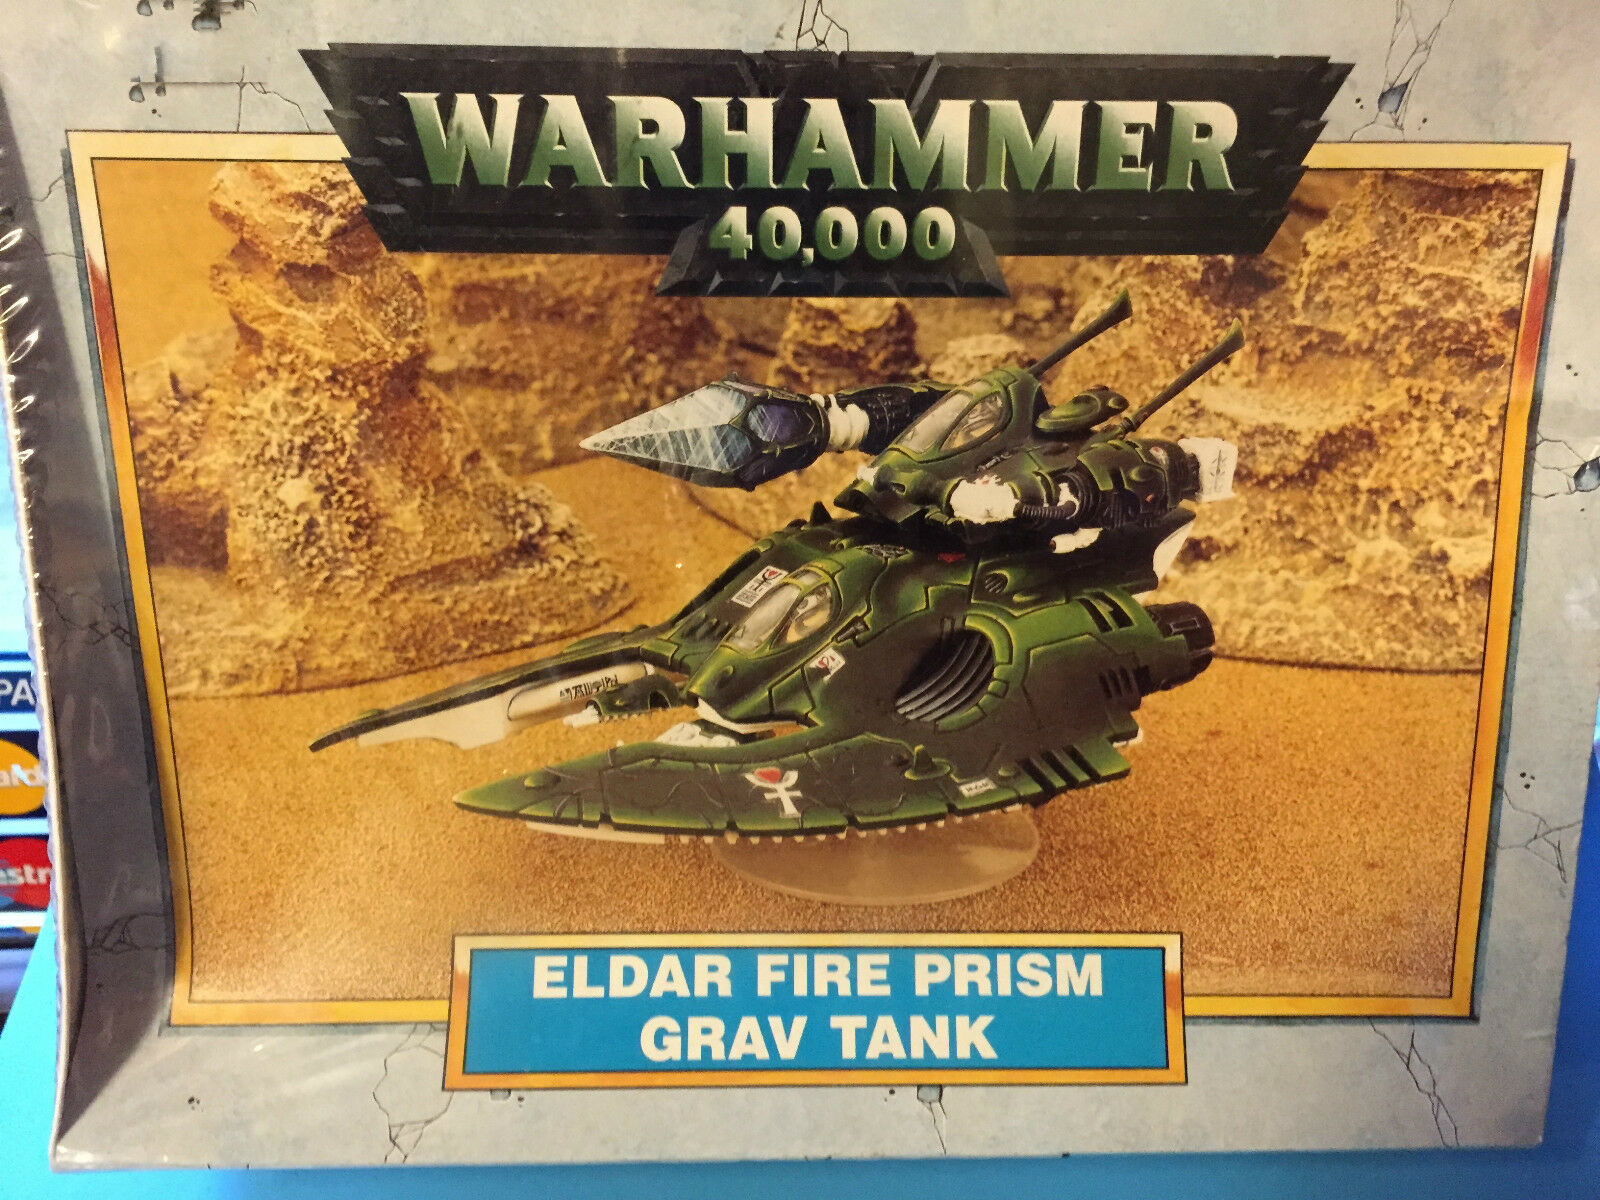 Warhammer  40.000 Eldar Fire Prism Grav Tank, Nuevo Plastico y Metal  connotation de luxe discret